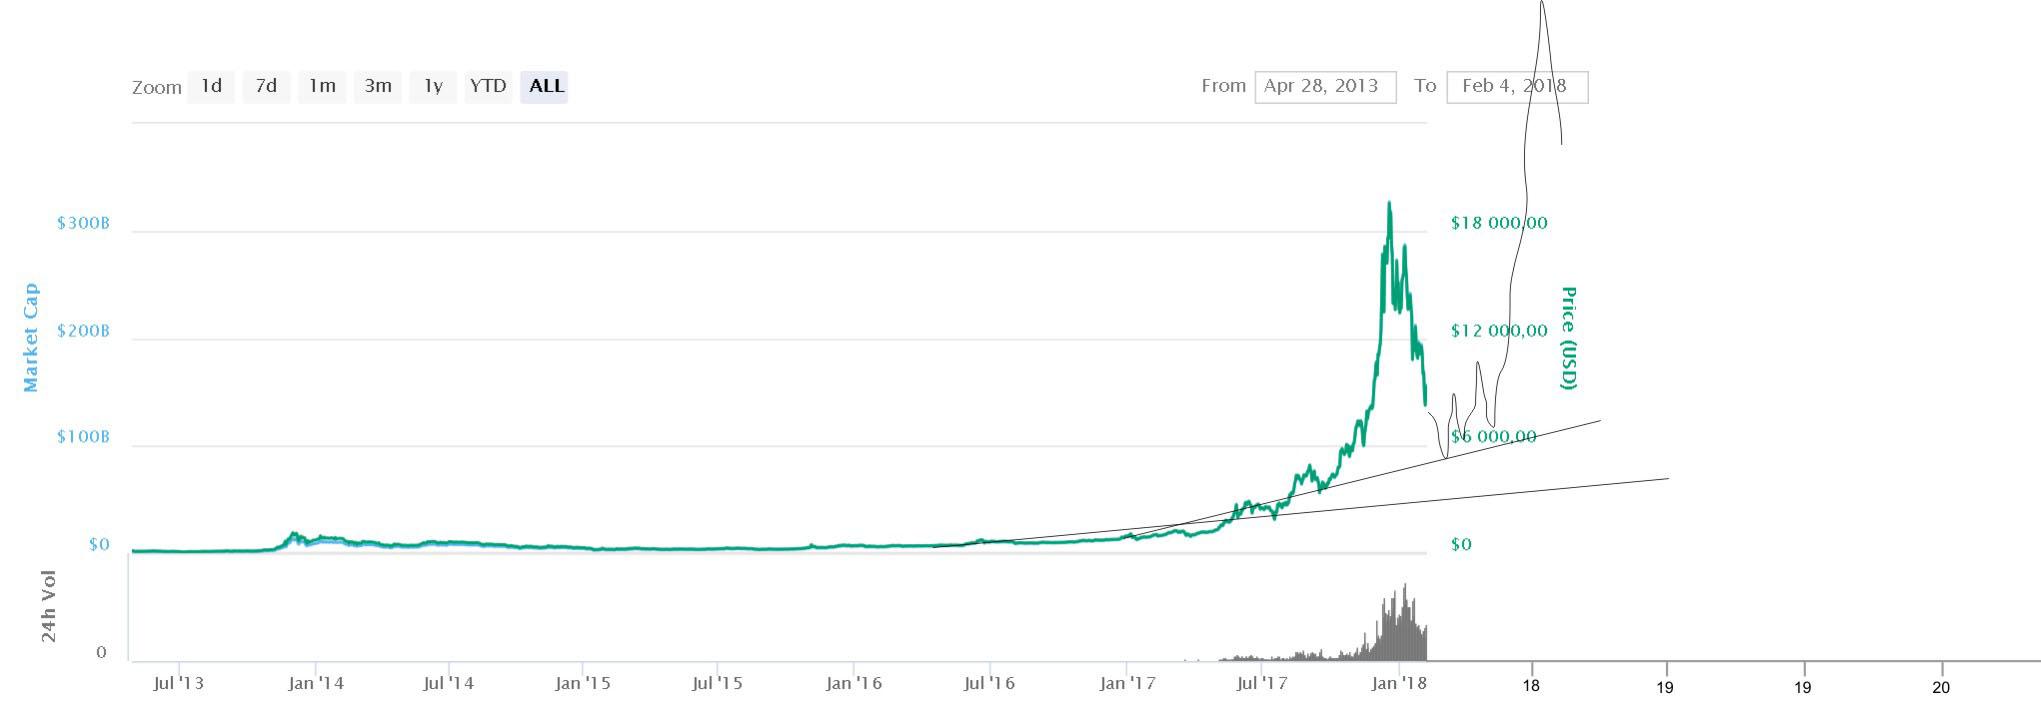 předpověď vývoje kurzu bitcoin 2018